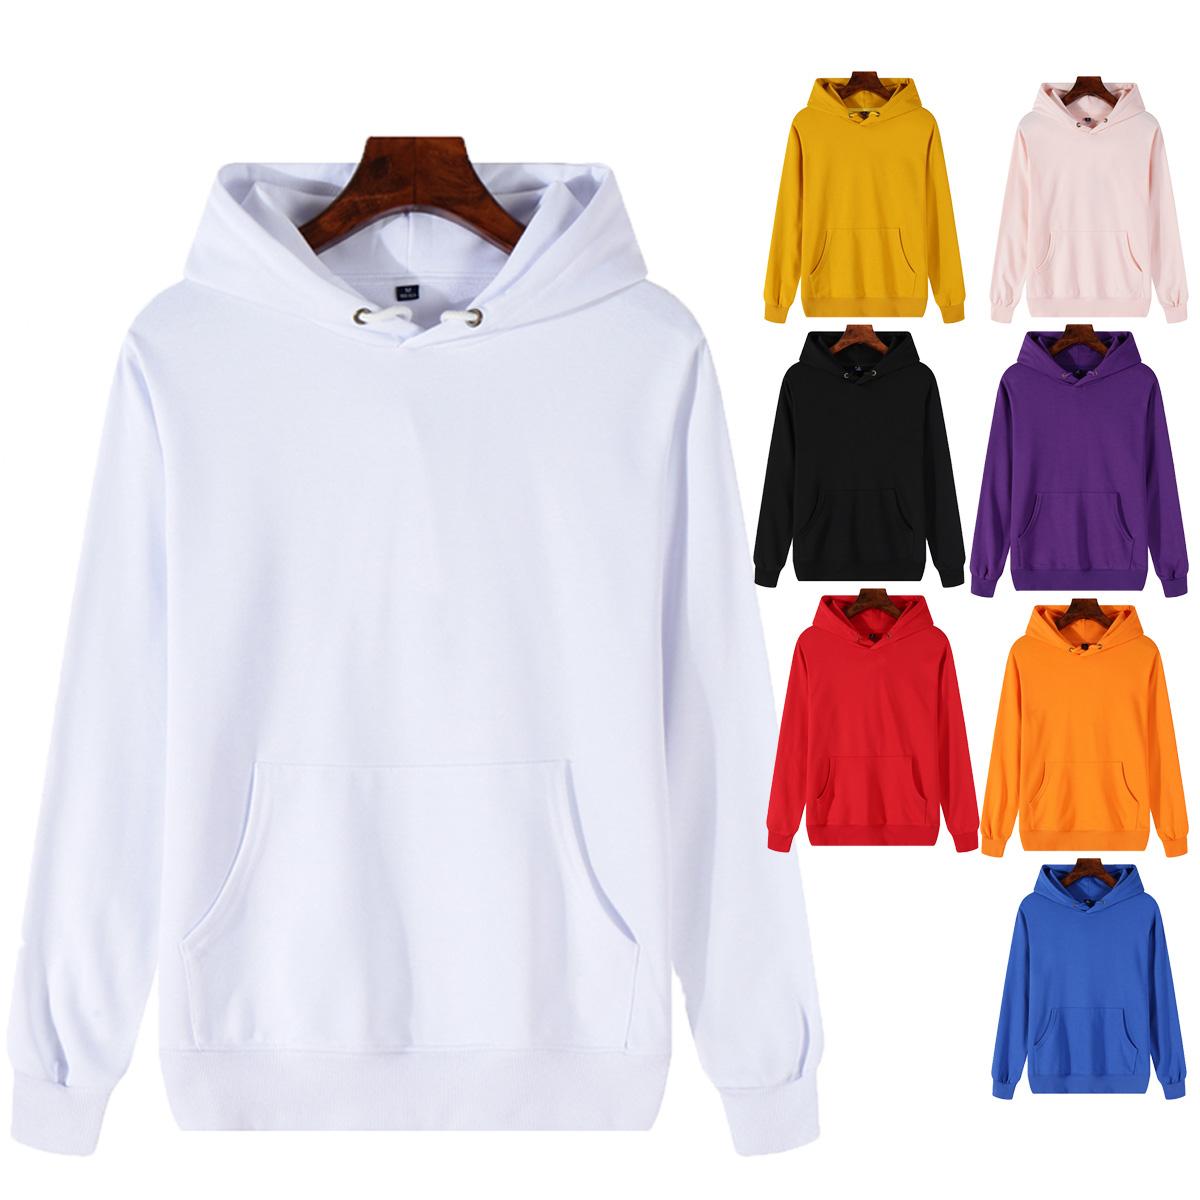 バルクポリエステルユニセックスホワイト厚いカスタムファッション男性卸売ブランクコットンパーカー